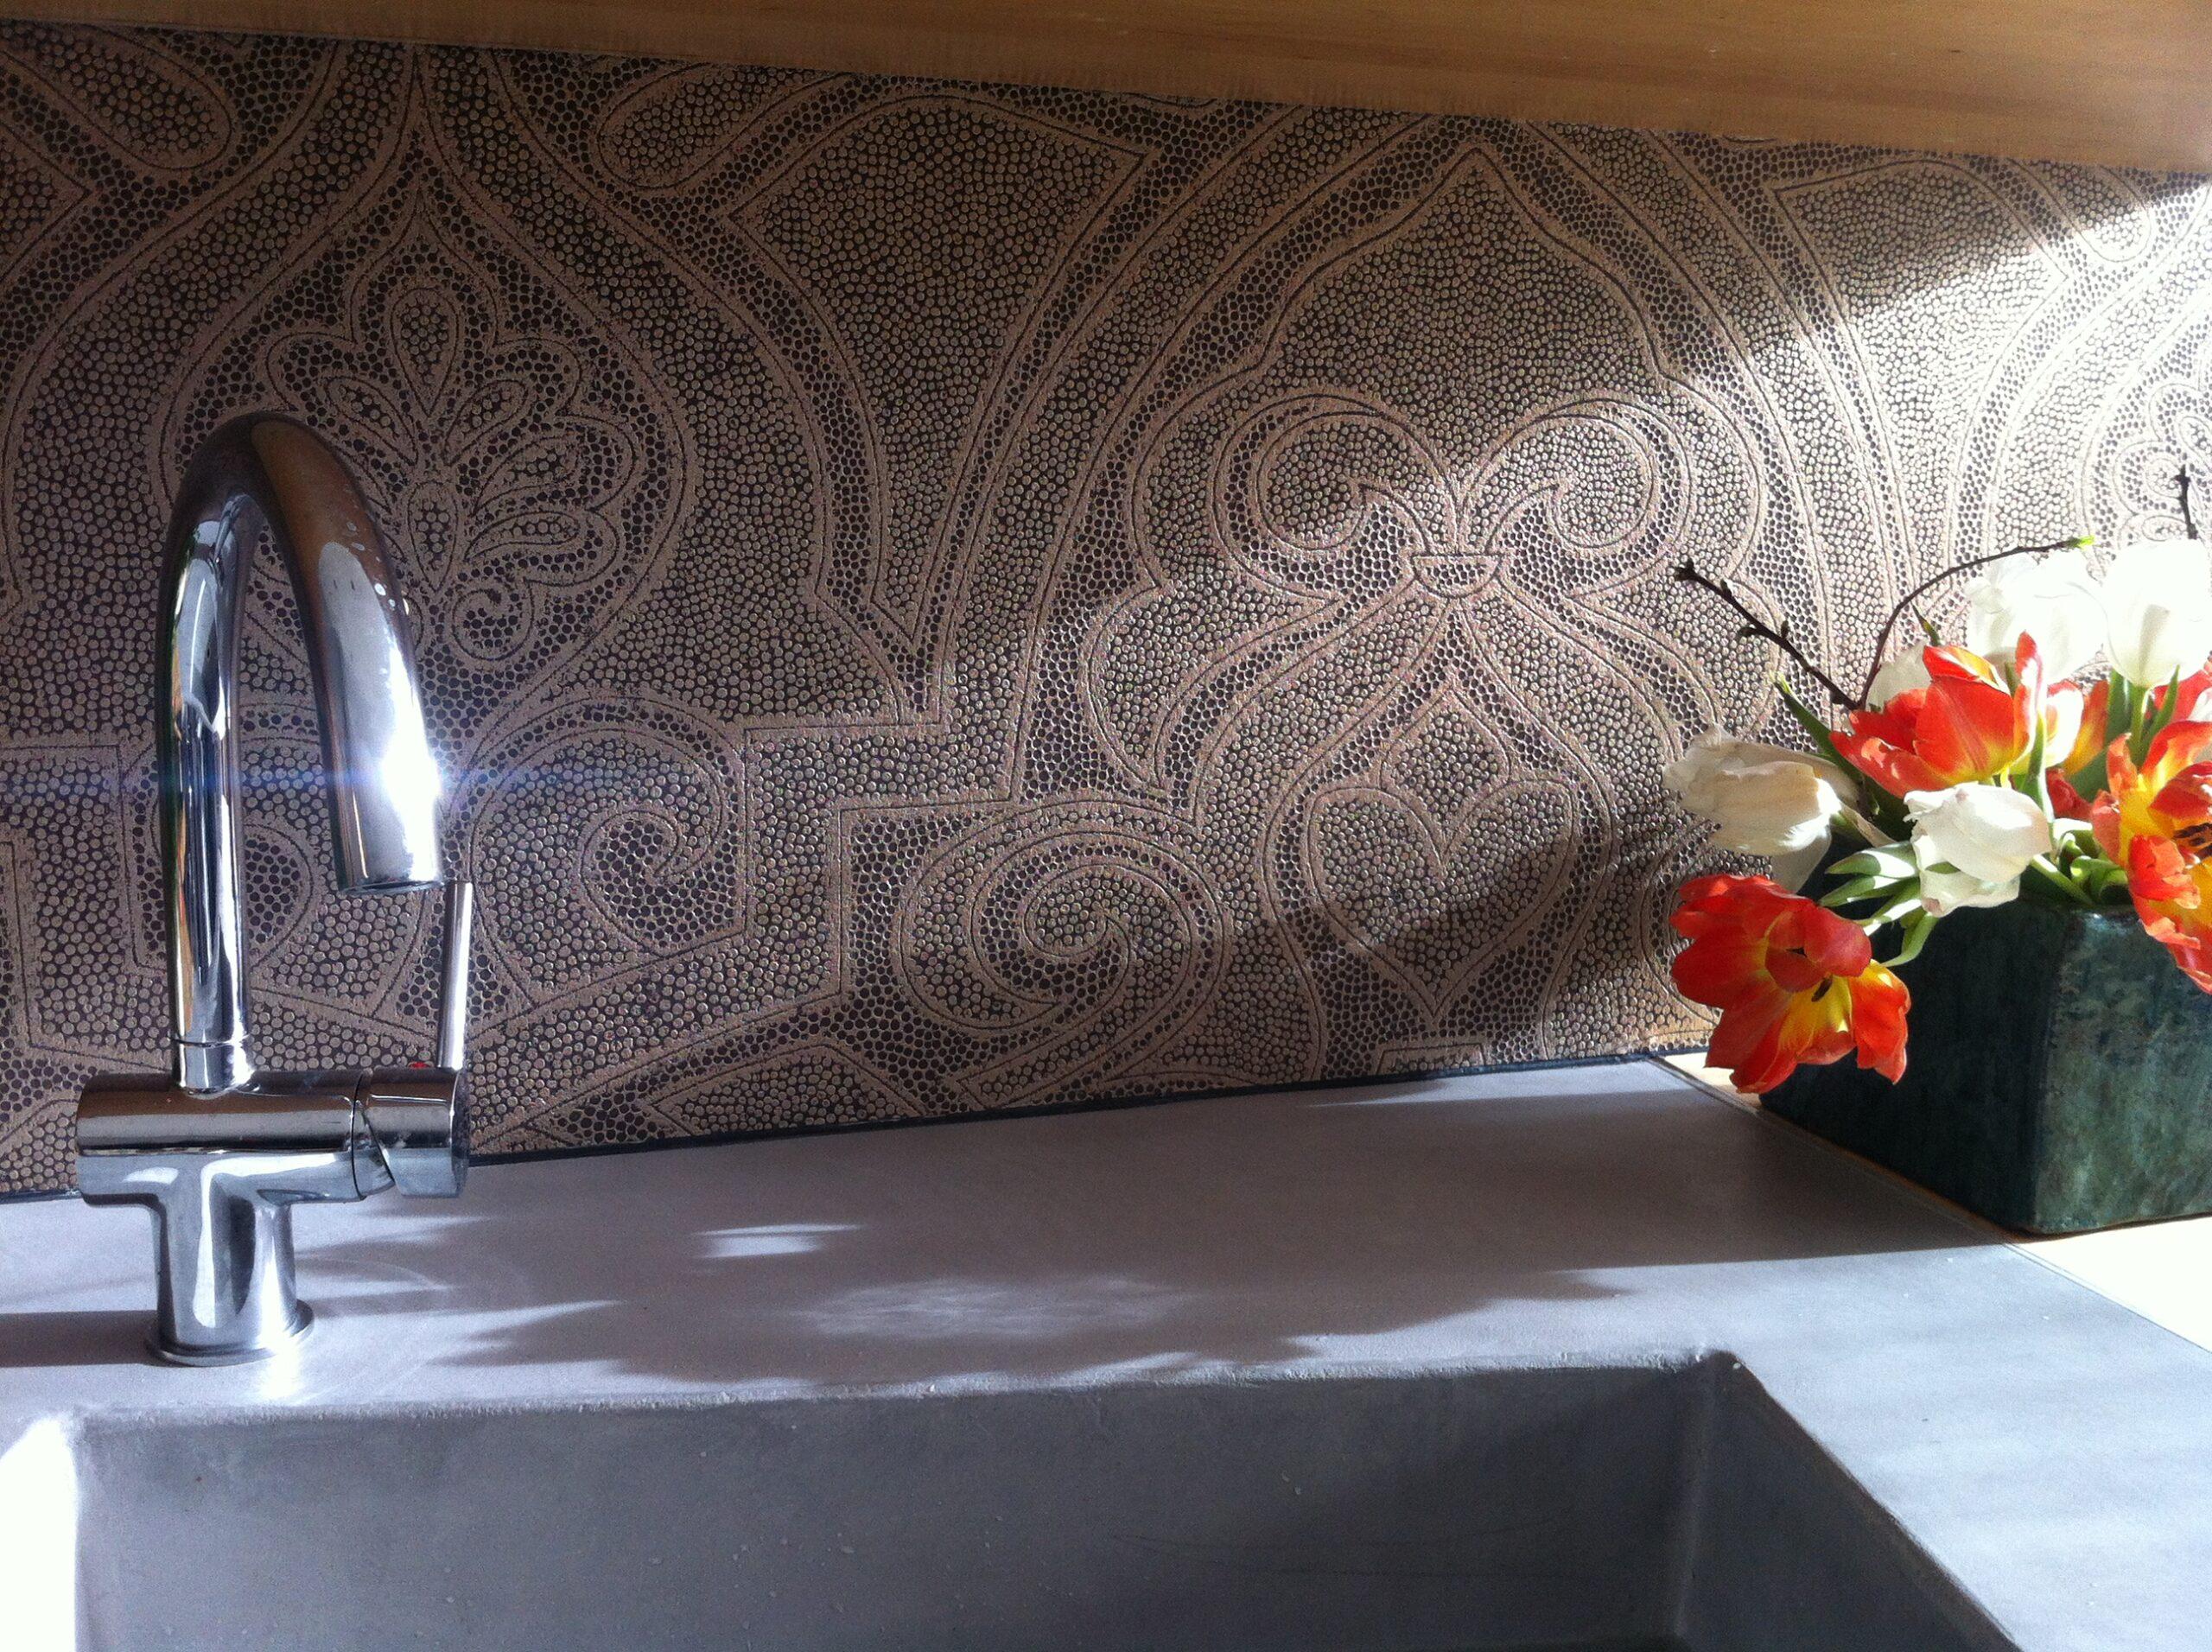 Full Size of Küchen Tapeten Abwaschbar Wohnzimmer Ideen Fototapeten Regal Schlafzimmer Für Die Küche Wohnzimmer Küchen Tapeten Abwaschbar